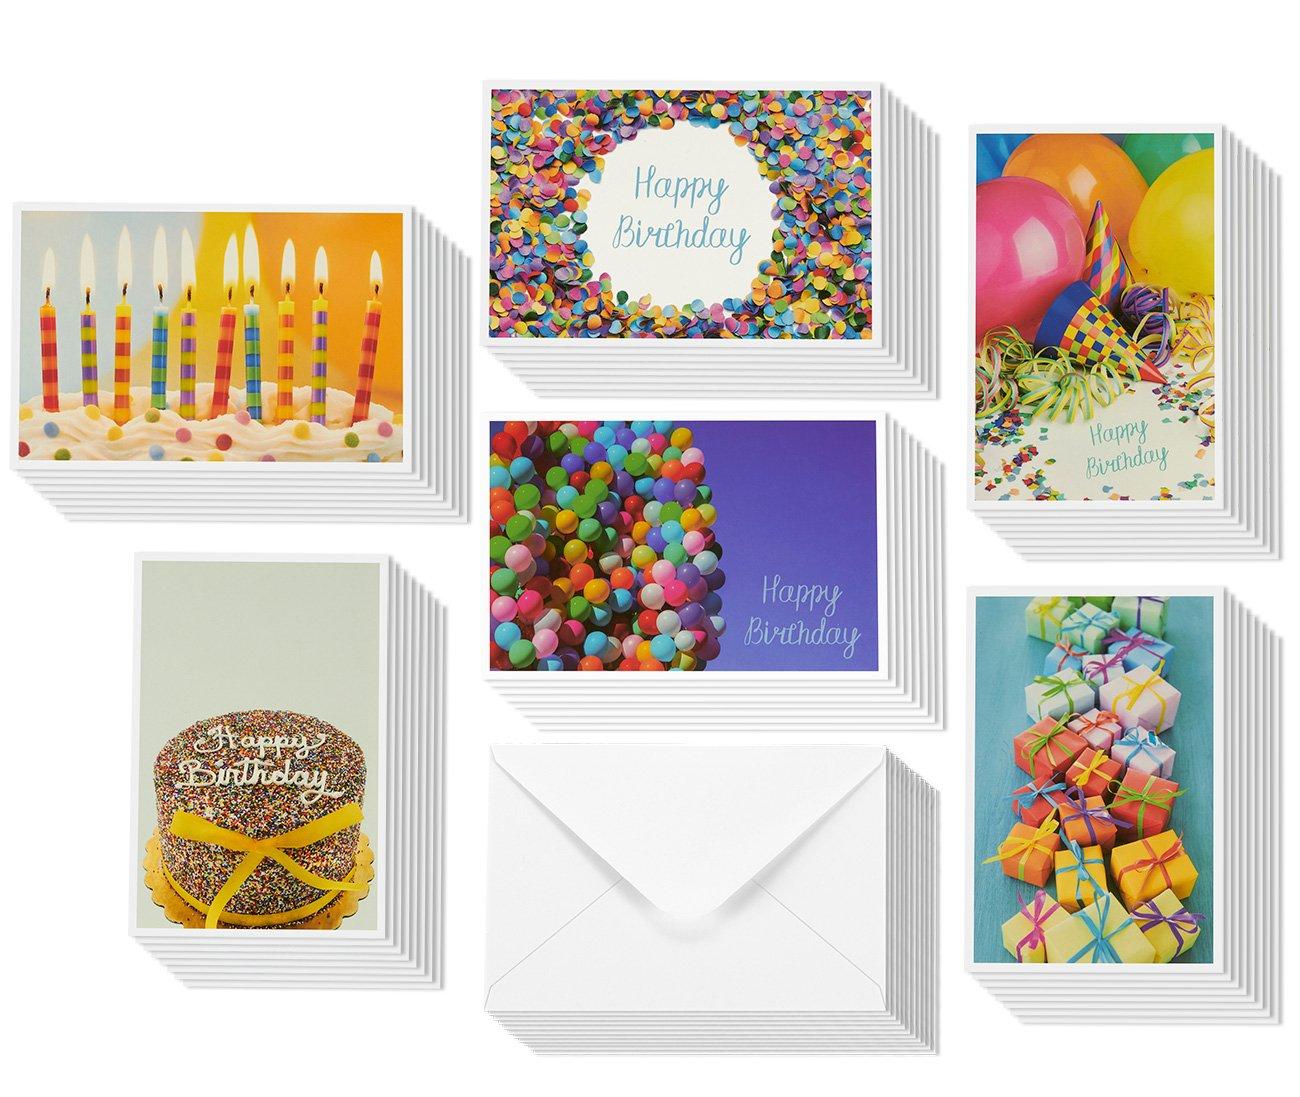 Amazon.com: It's Your Birthday